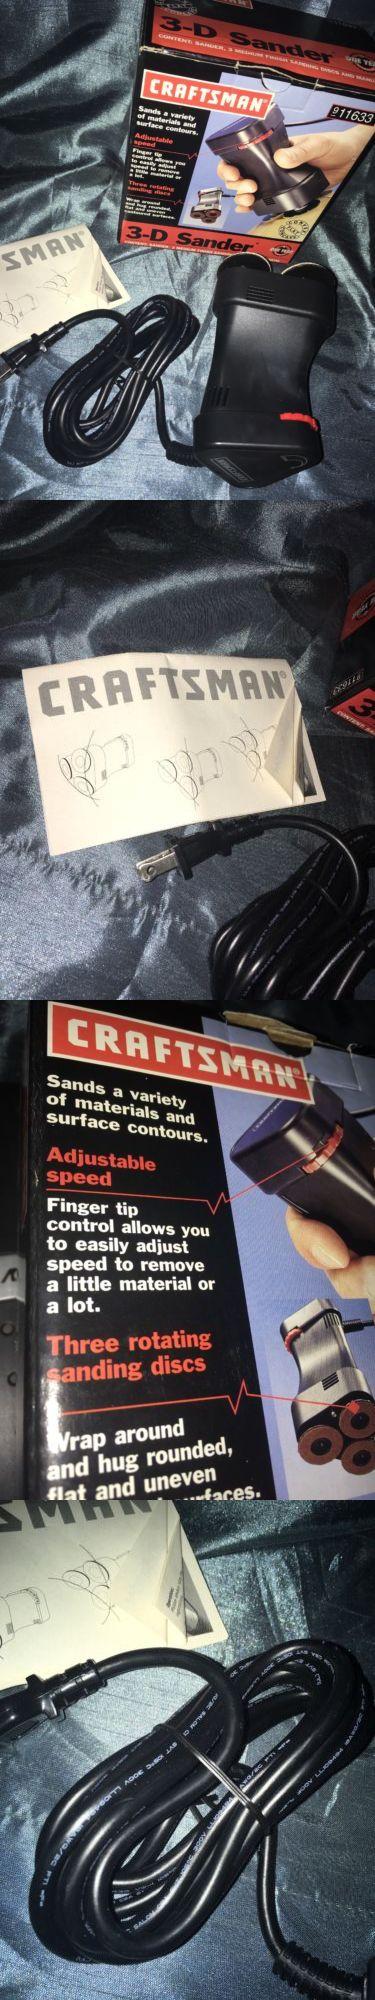 Sanders 42284 Craftsman 3d Sander 911633 Buy It Now Only 105 On Ebay Boxes For Sale Craftsman Sanders